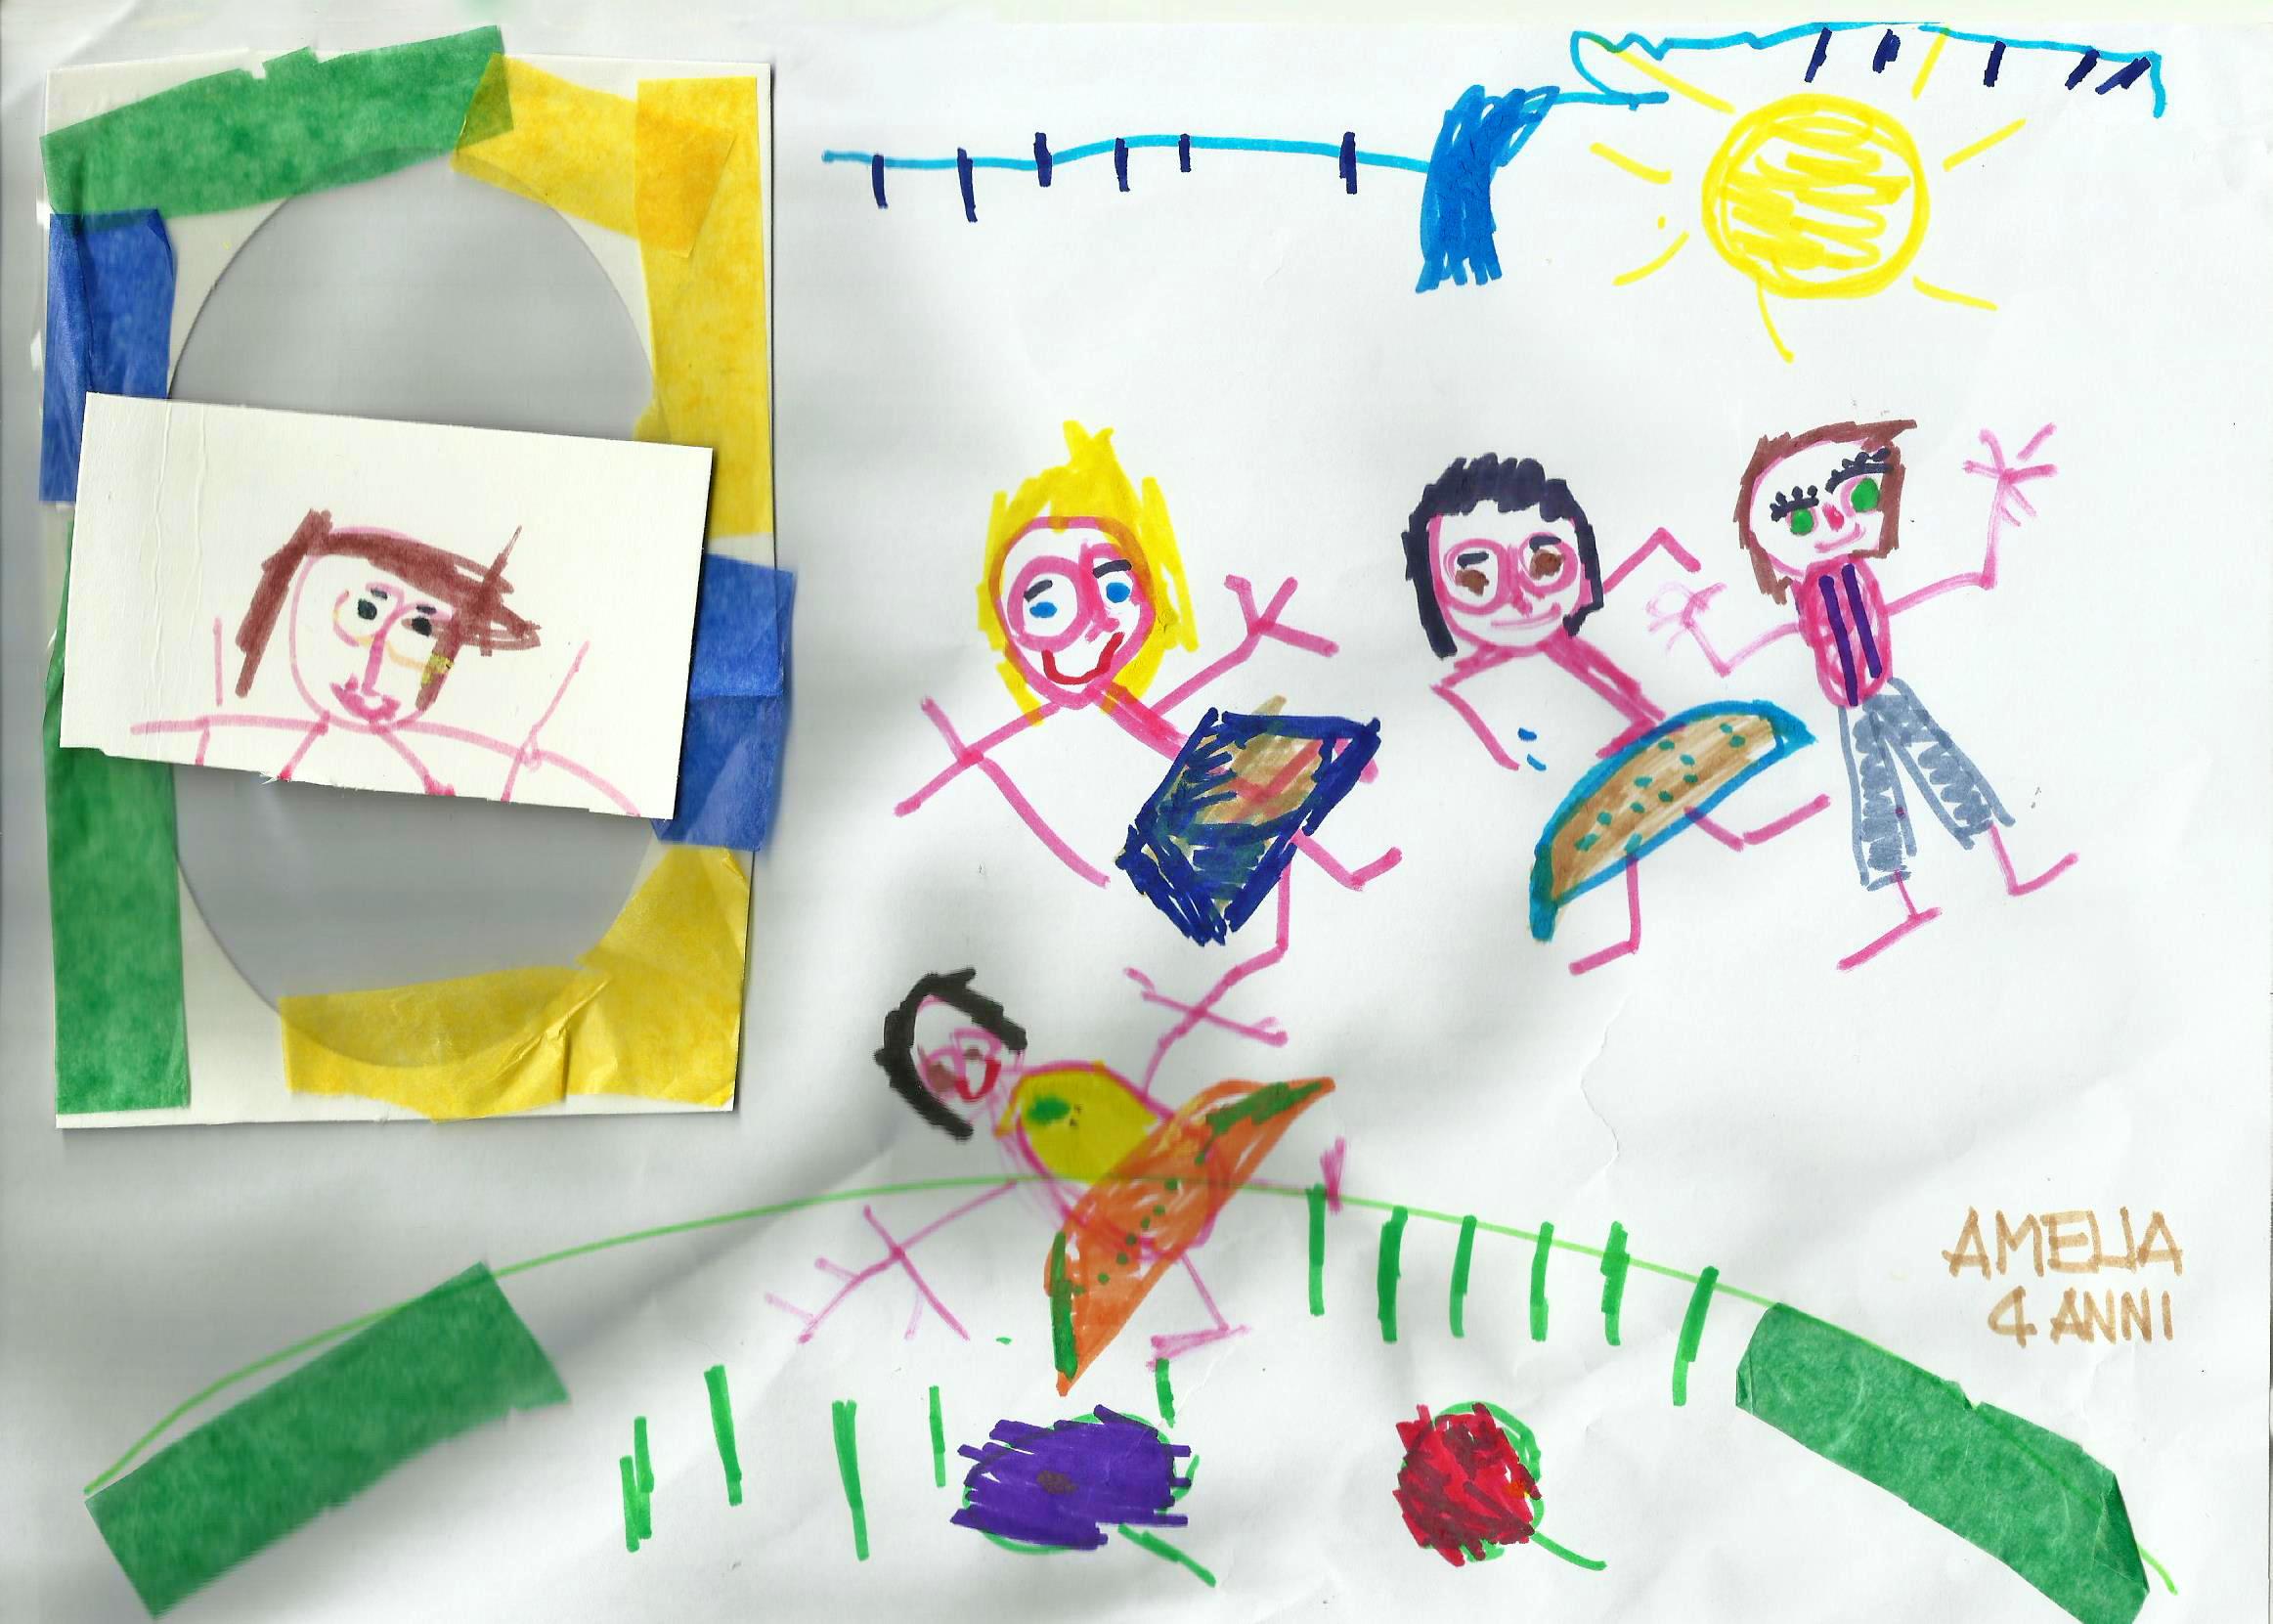 Questo disegno lo ha fatto Amelia (4 anni)